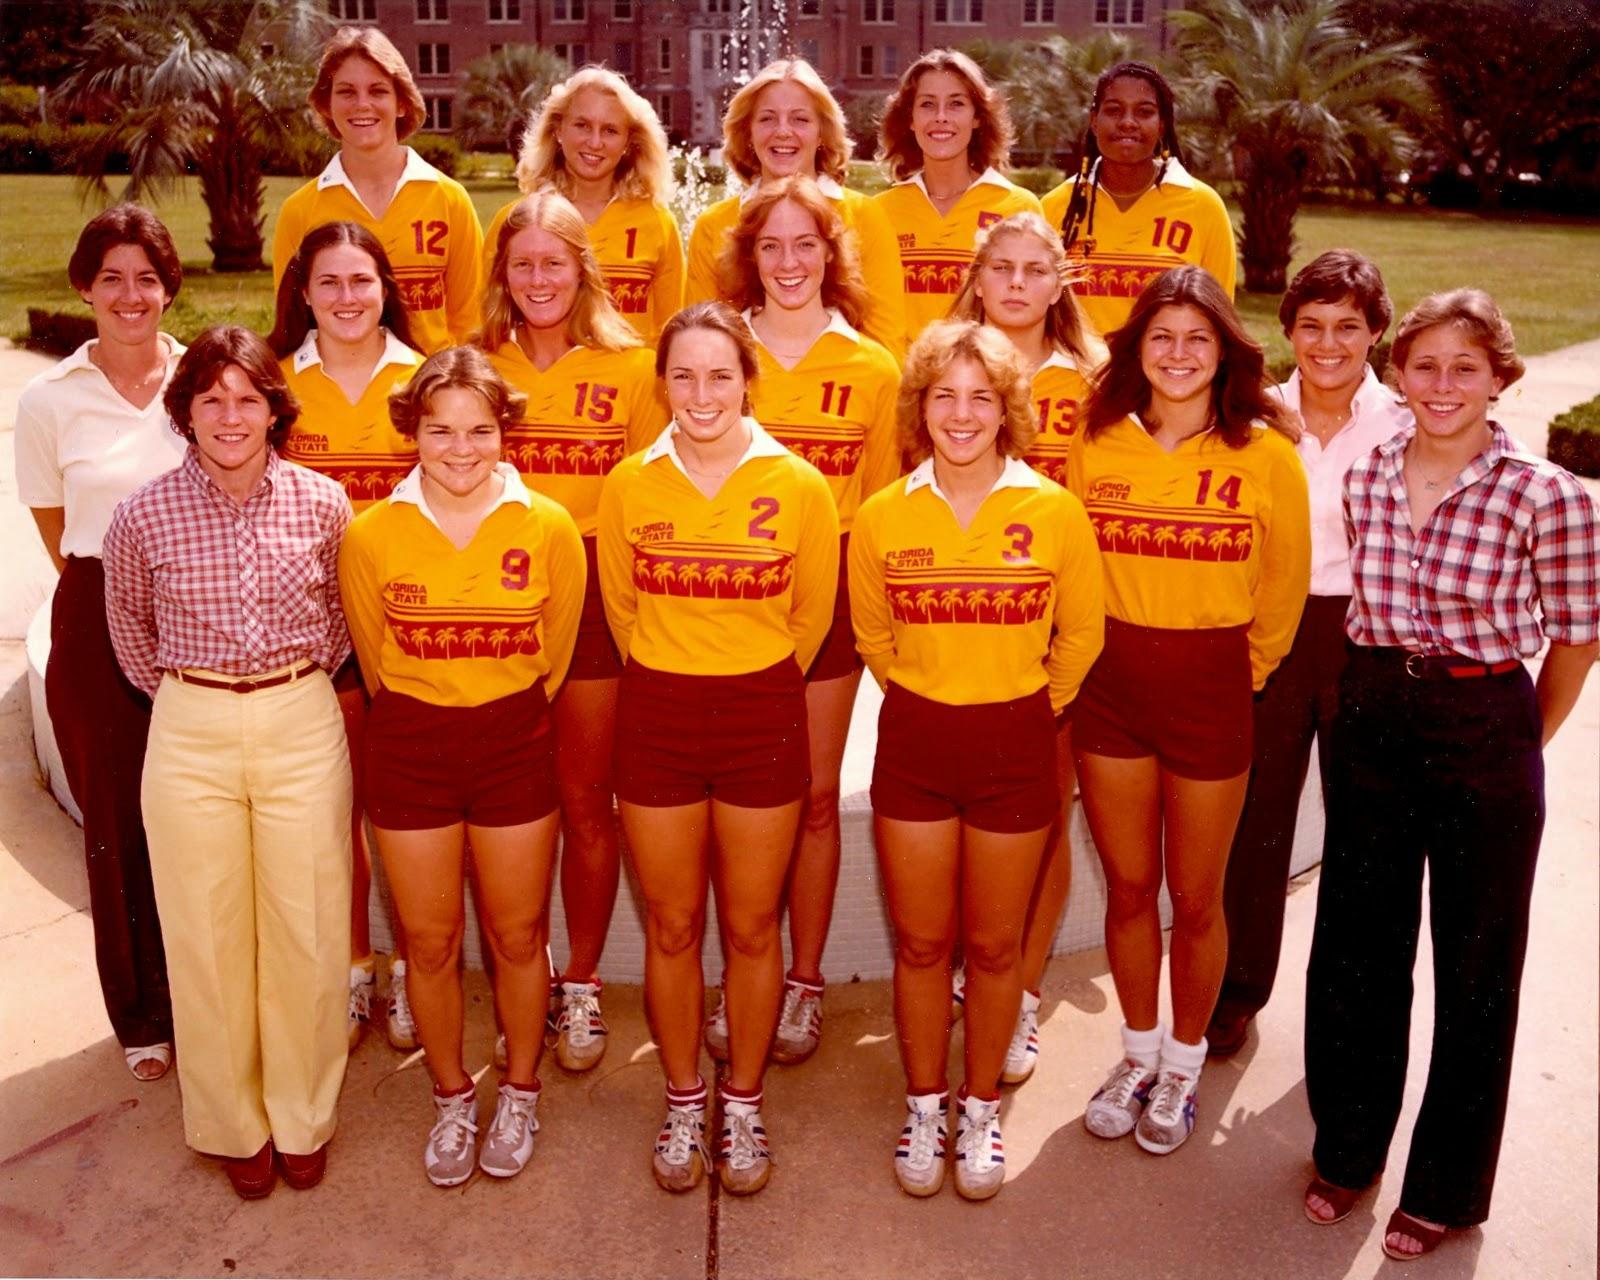 Volleyball ass butt shorts wedgie think, that